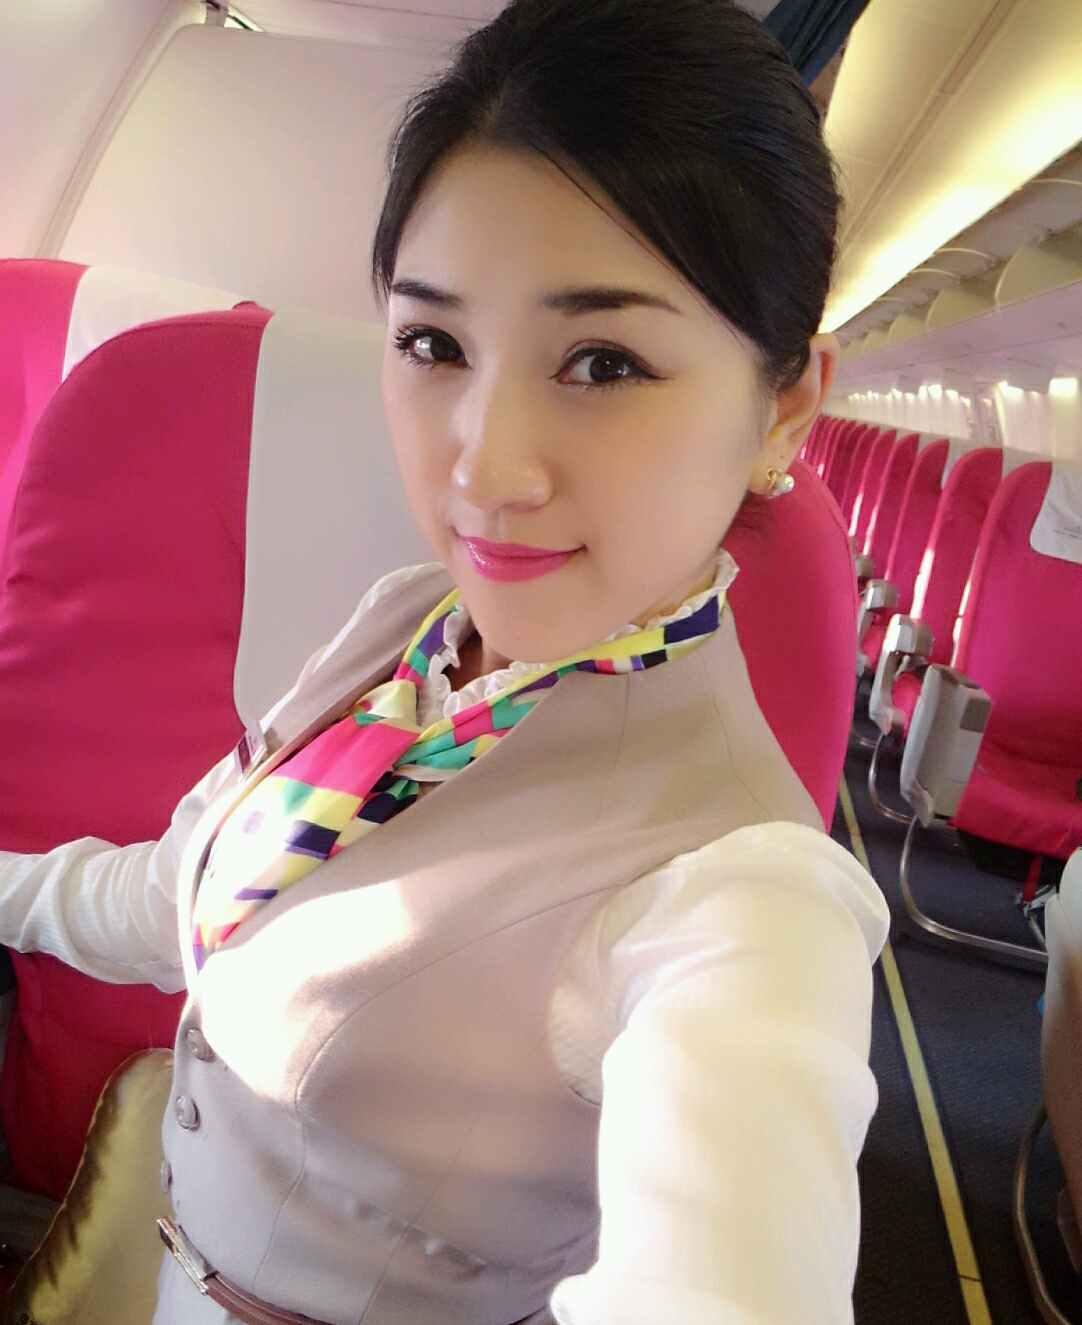 航空专业在成都哪里学比较好,航空专业的发展怎么样?